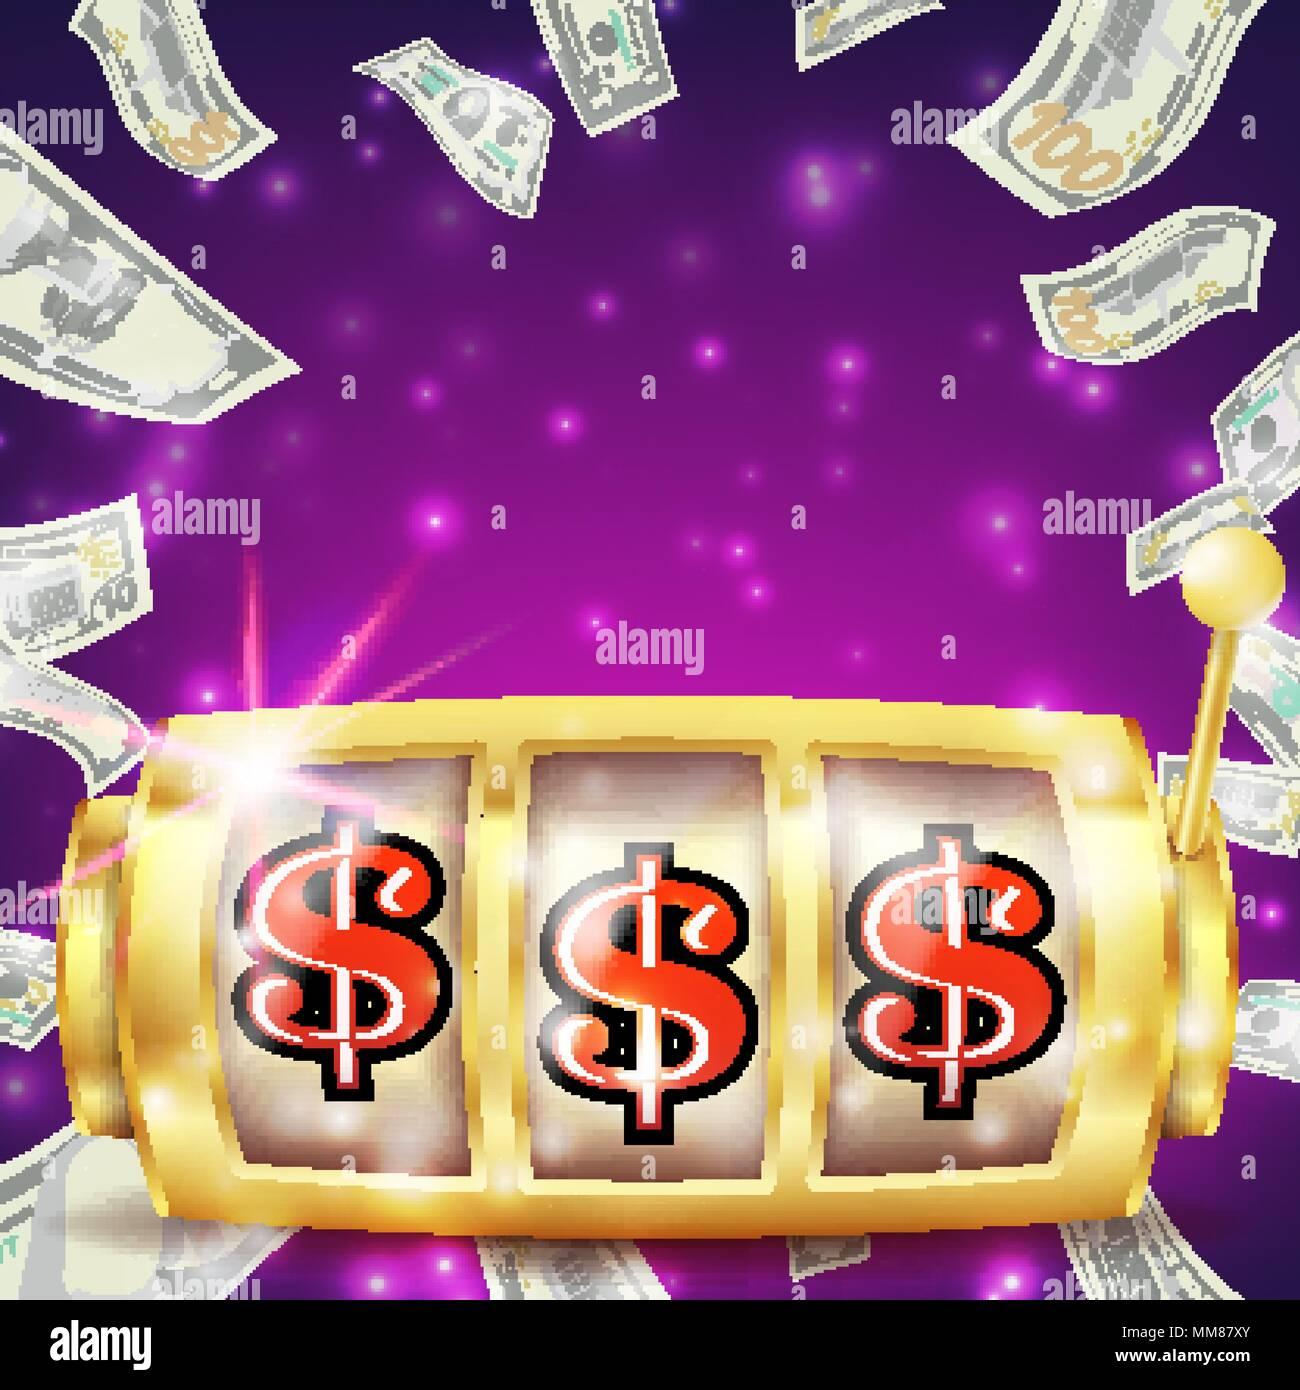 online casino deutschland auszahlung